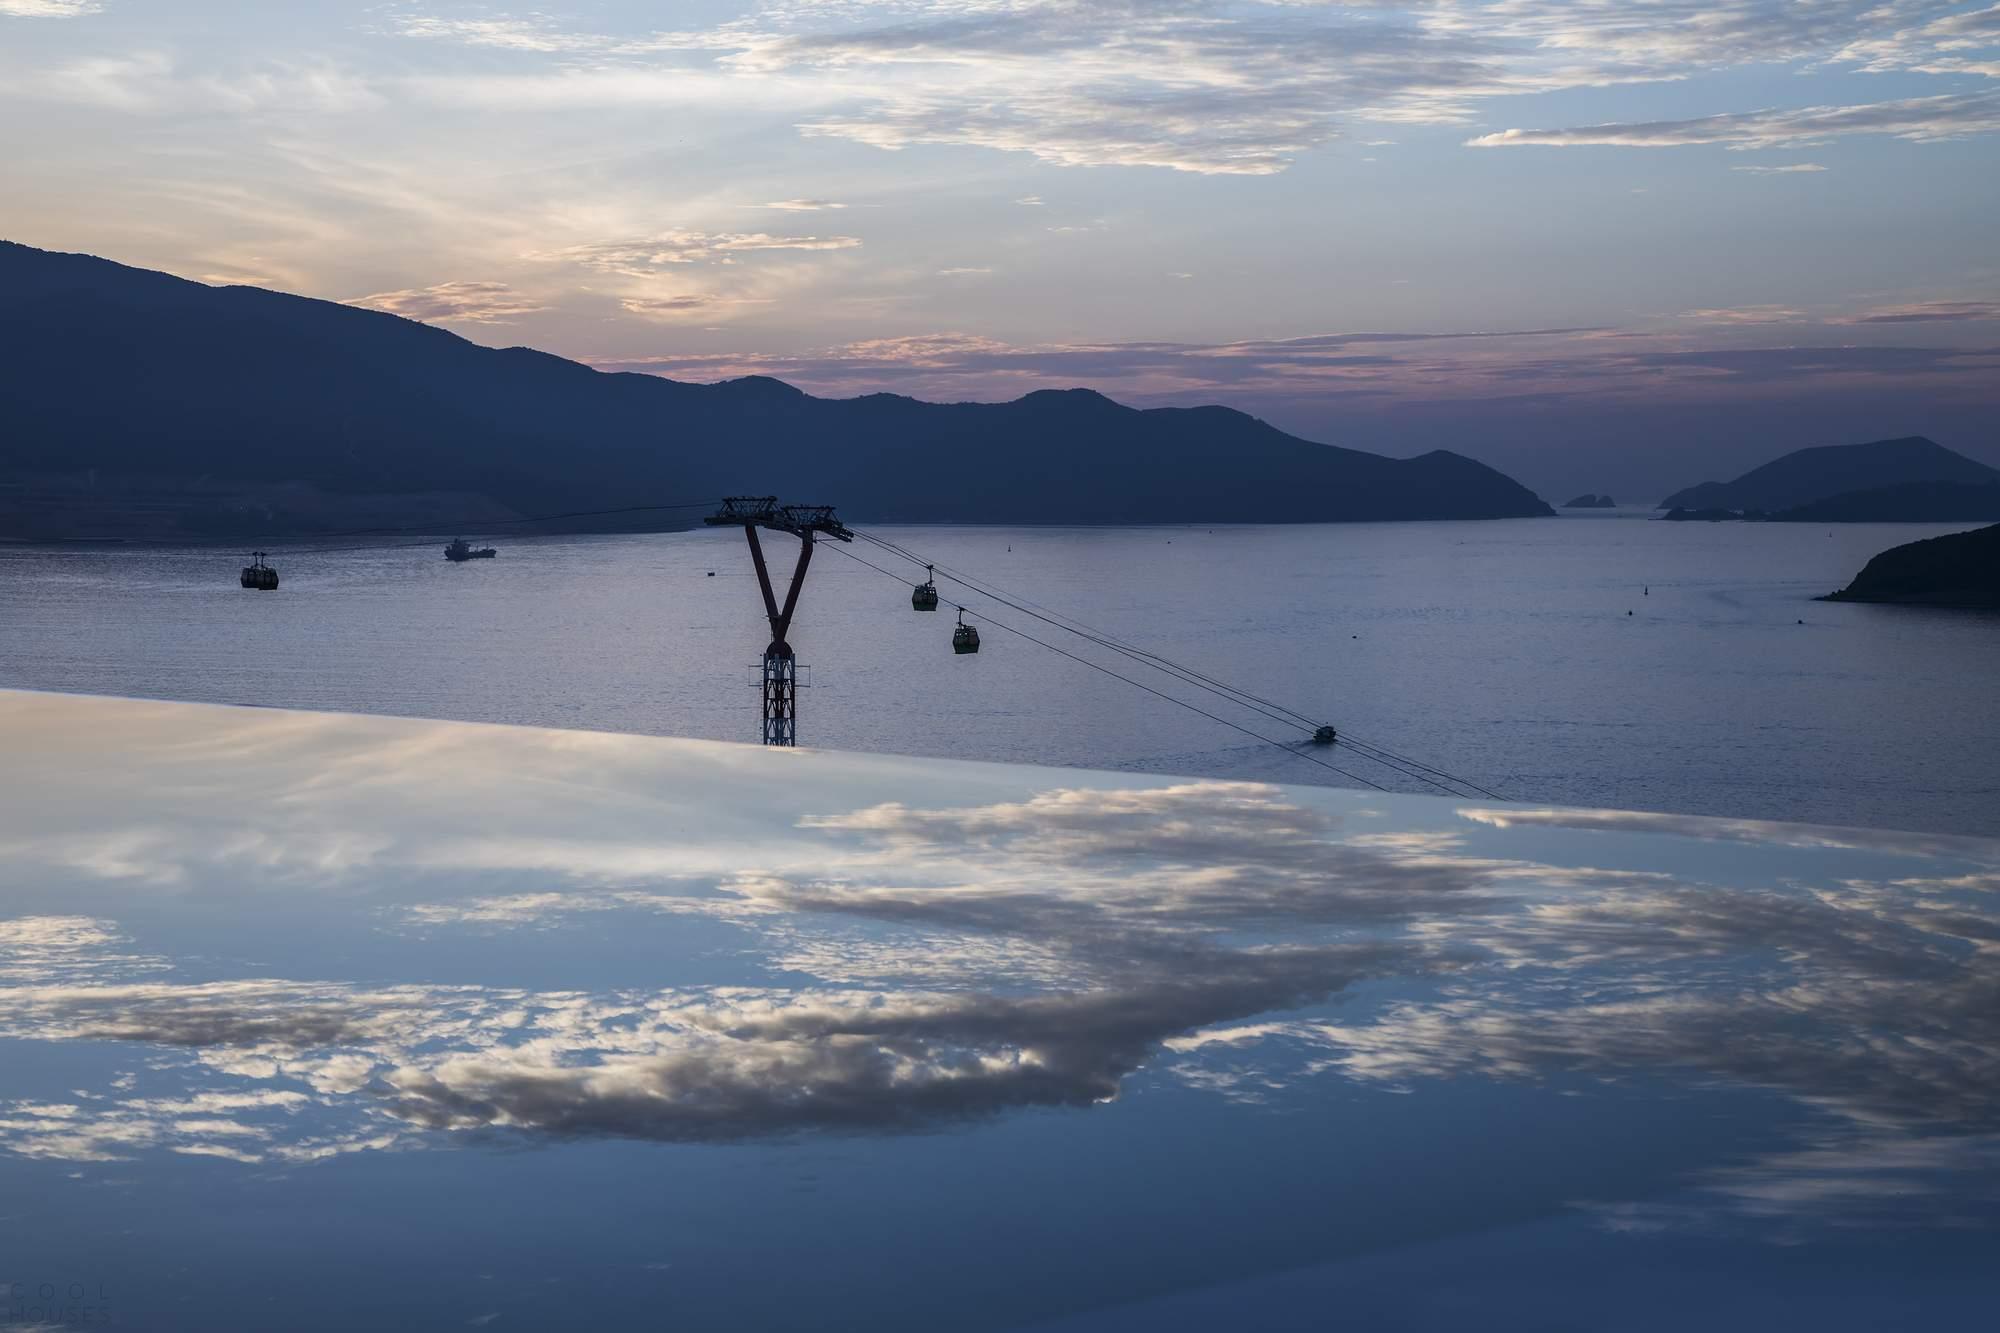 Курортная вилла на берегу моря, Вьетнам